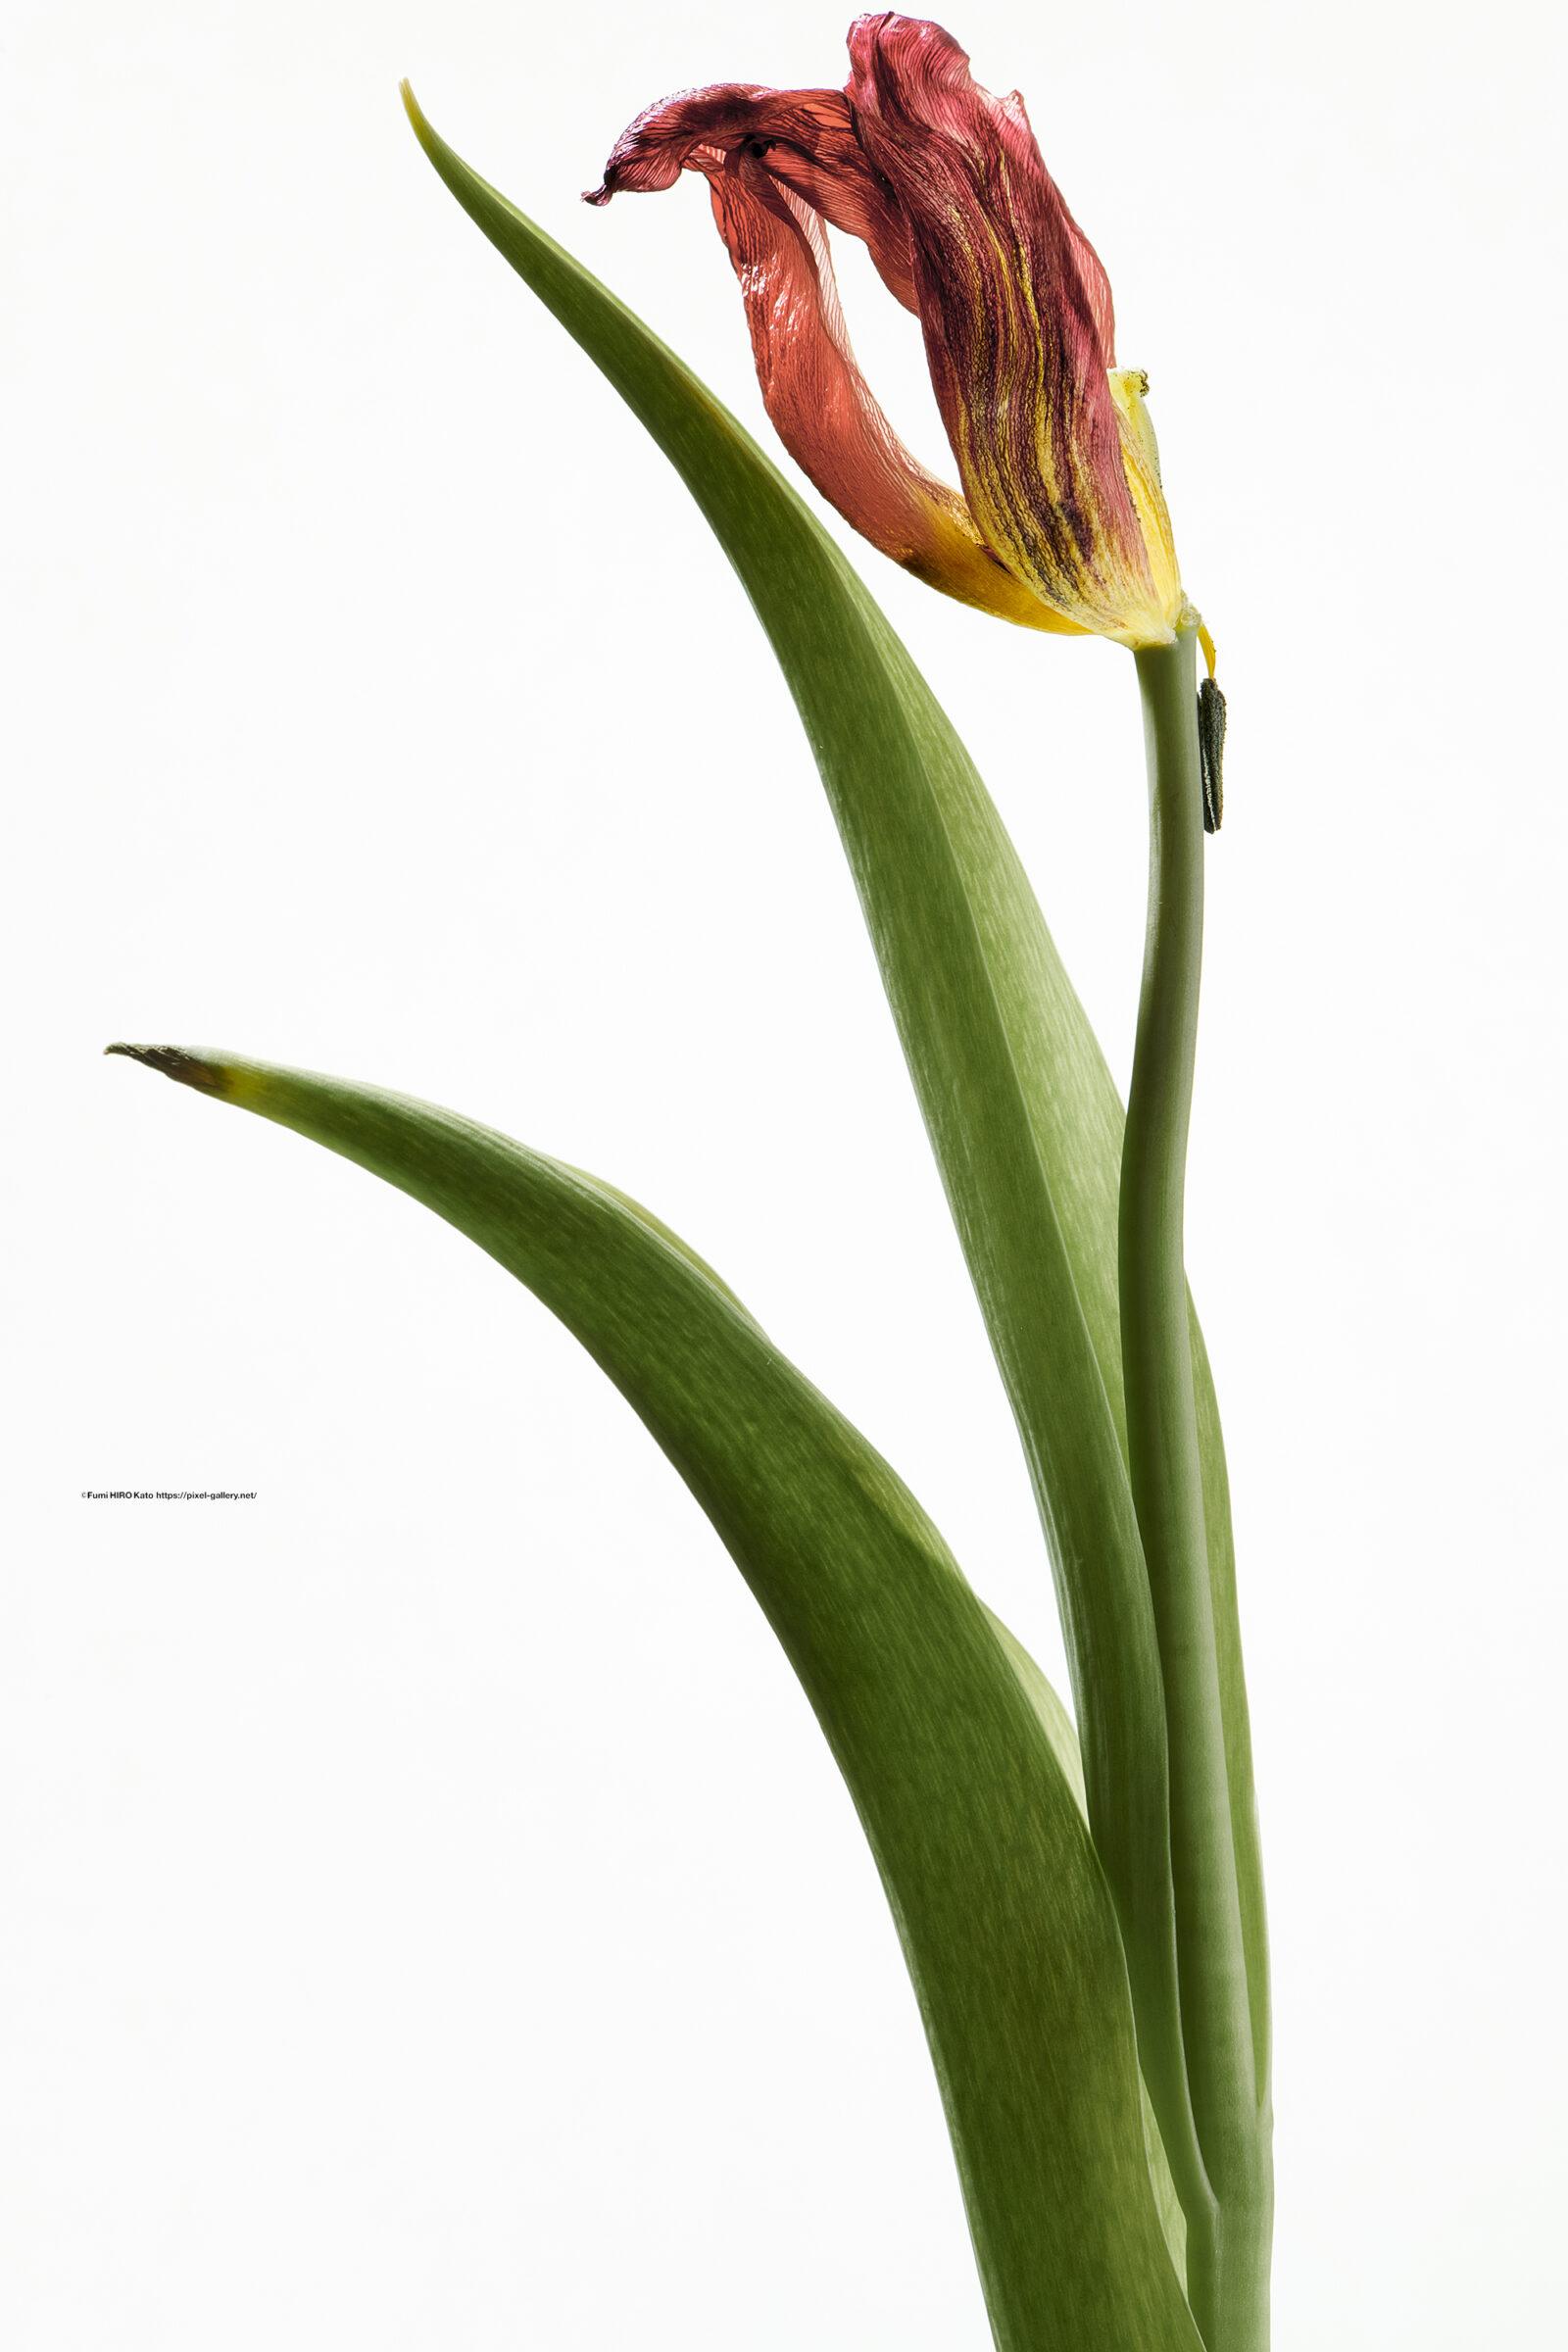 ハナ 2021-018 Tulip